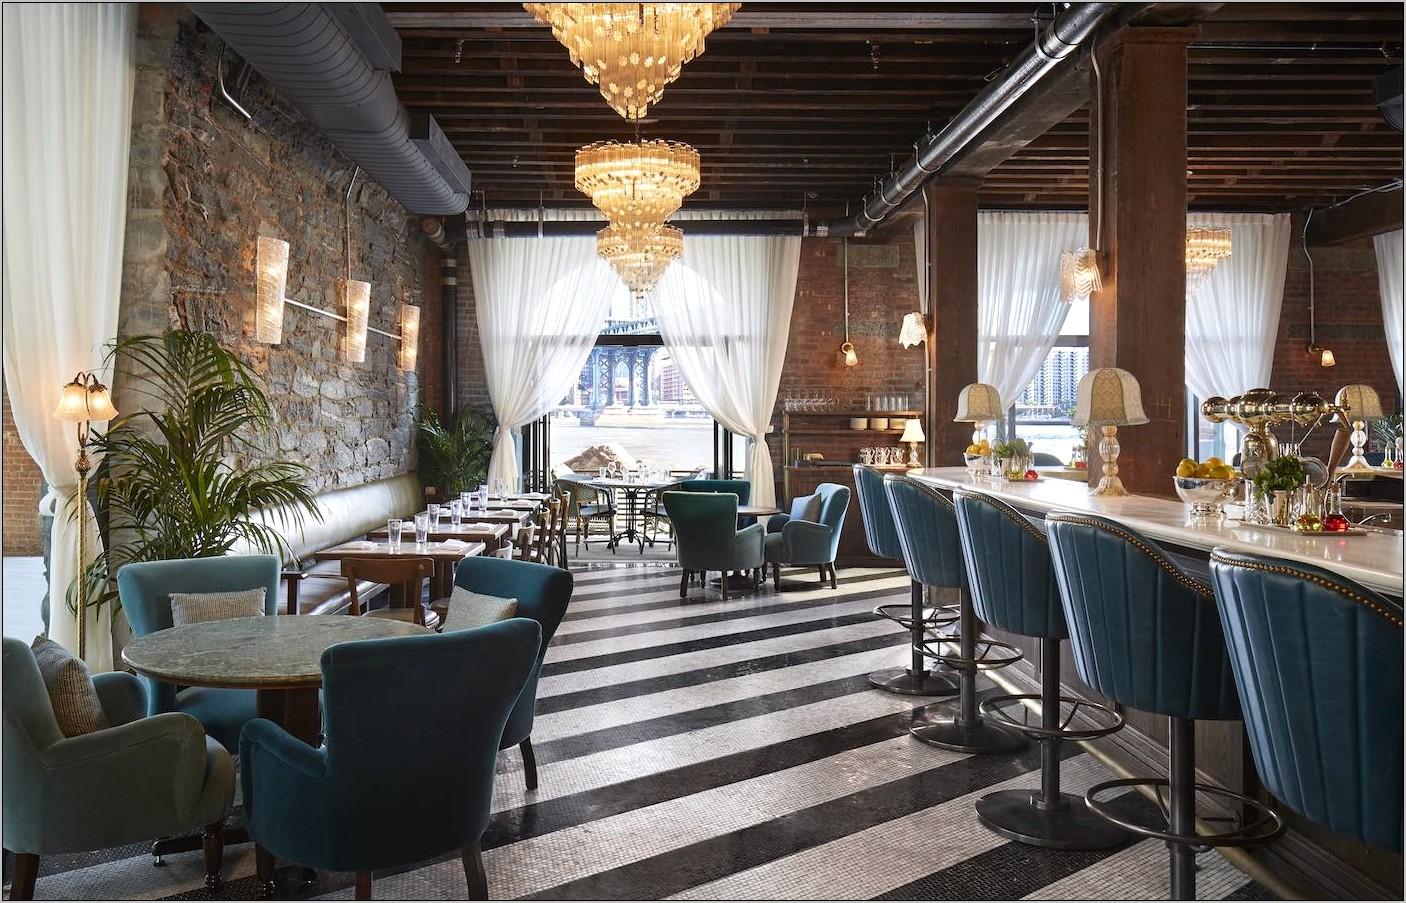 Funky Italian Restaurant Kitchen Decor